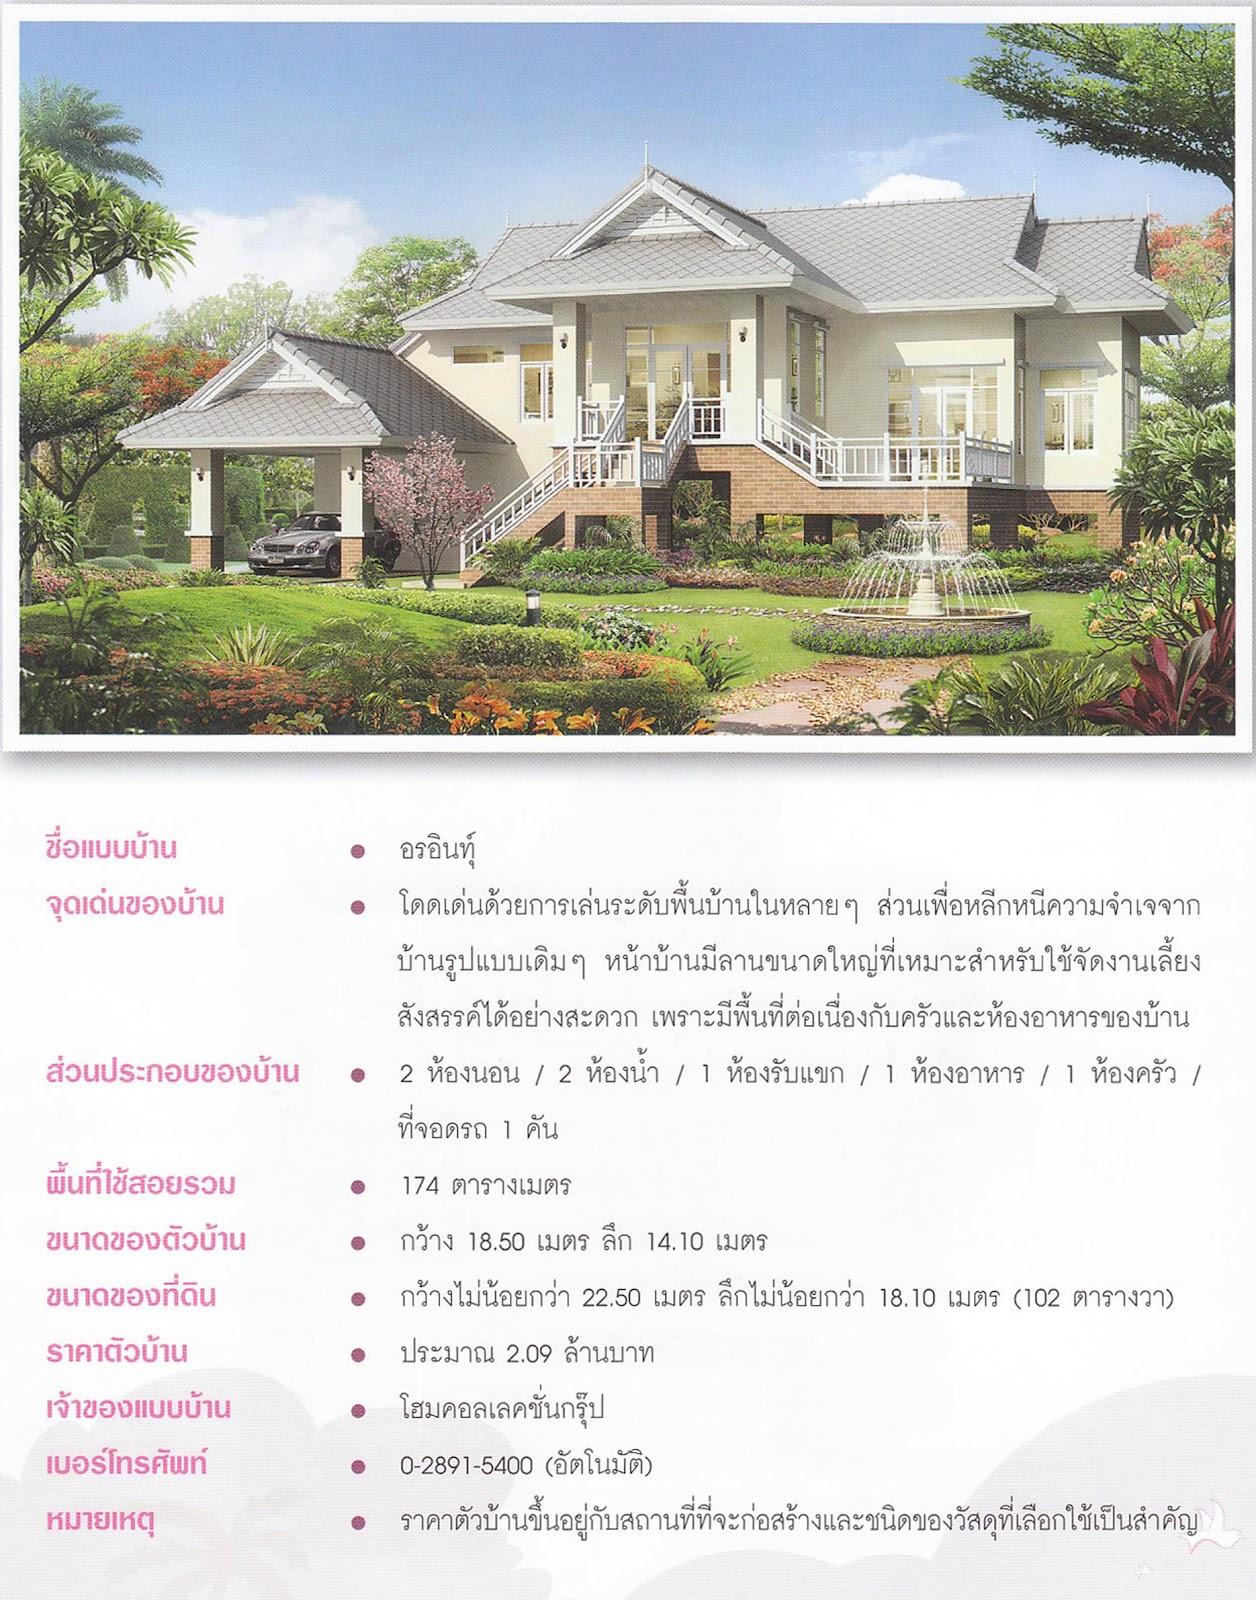 รวมแบบบ้านจาก Magazine (Thaihomeplan)( 4552/1 )